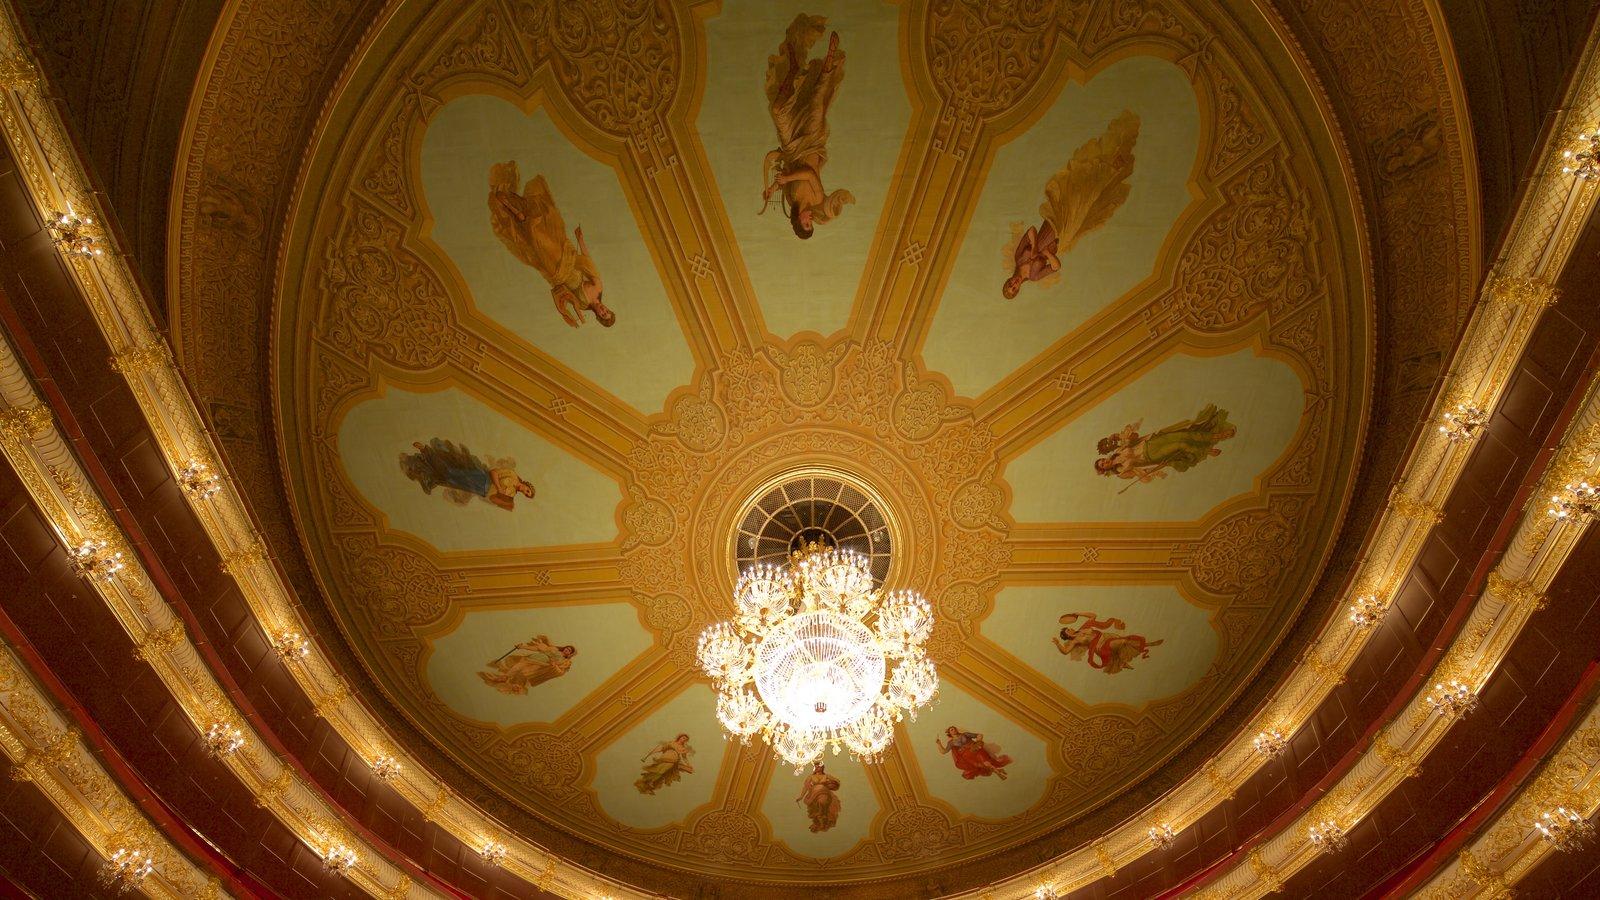 Teatro Bolshoi caracterizando arquitetura de patrimônio e vistas internas